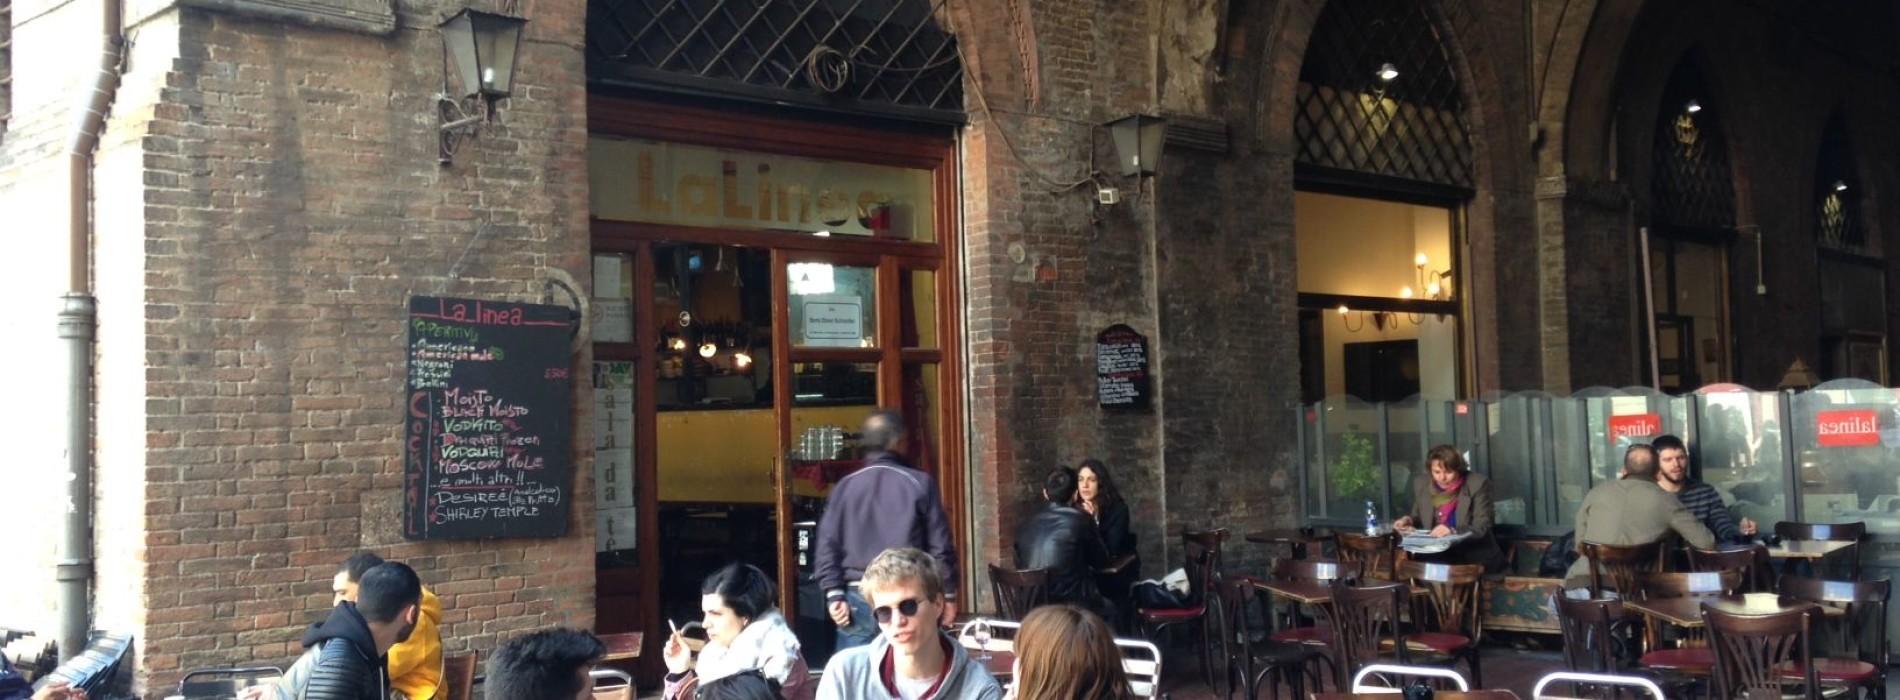 I migliori aperitivi di Bologna: una guida ragionata tra locali storici e novità glamour